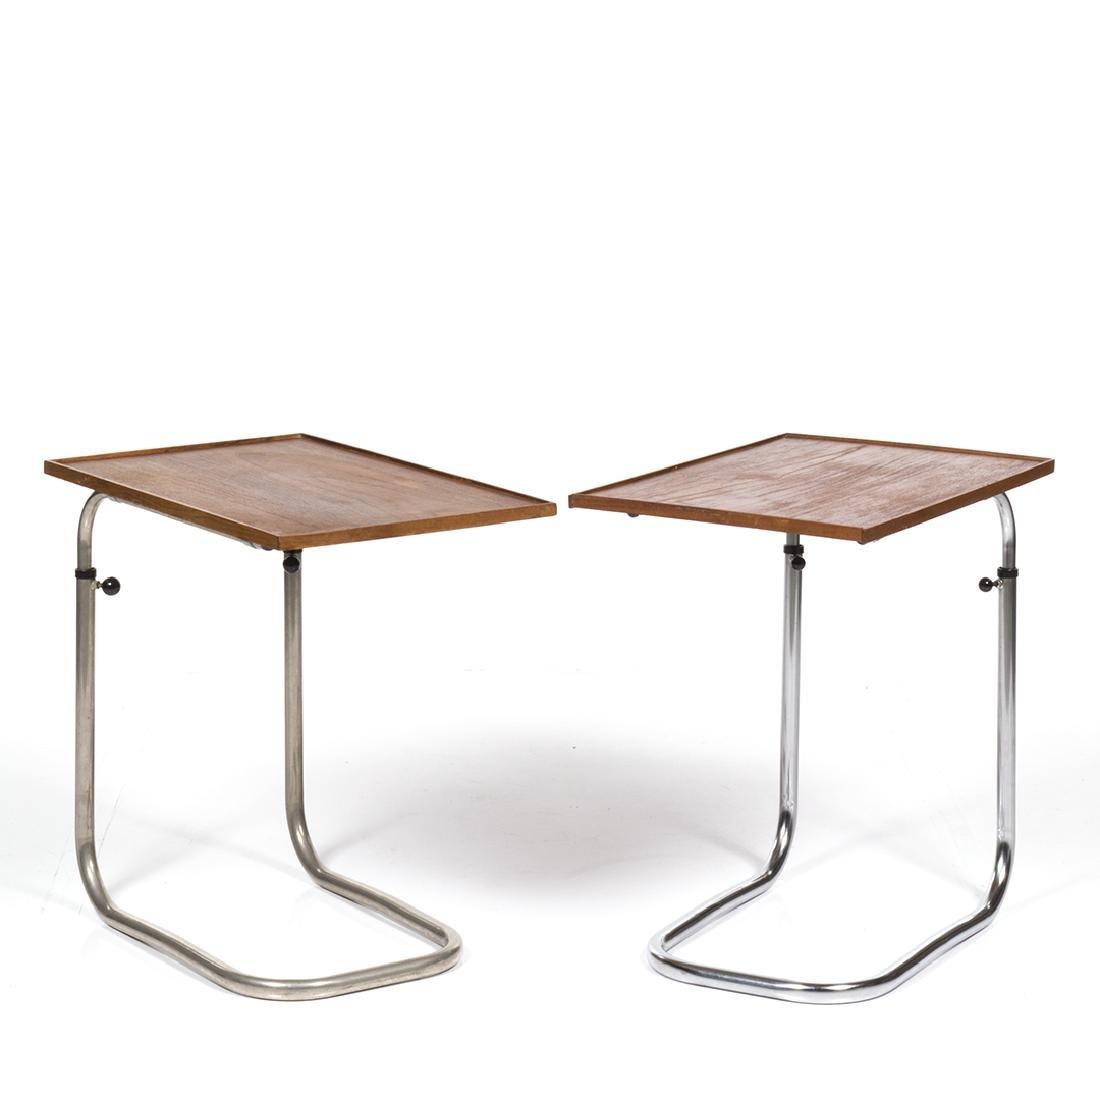 Adjustable Teak Tray Tables (2) - 2